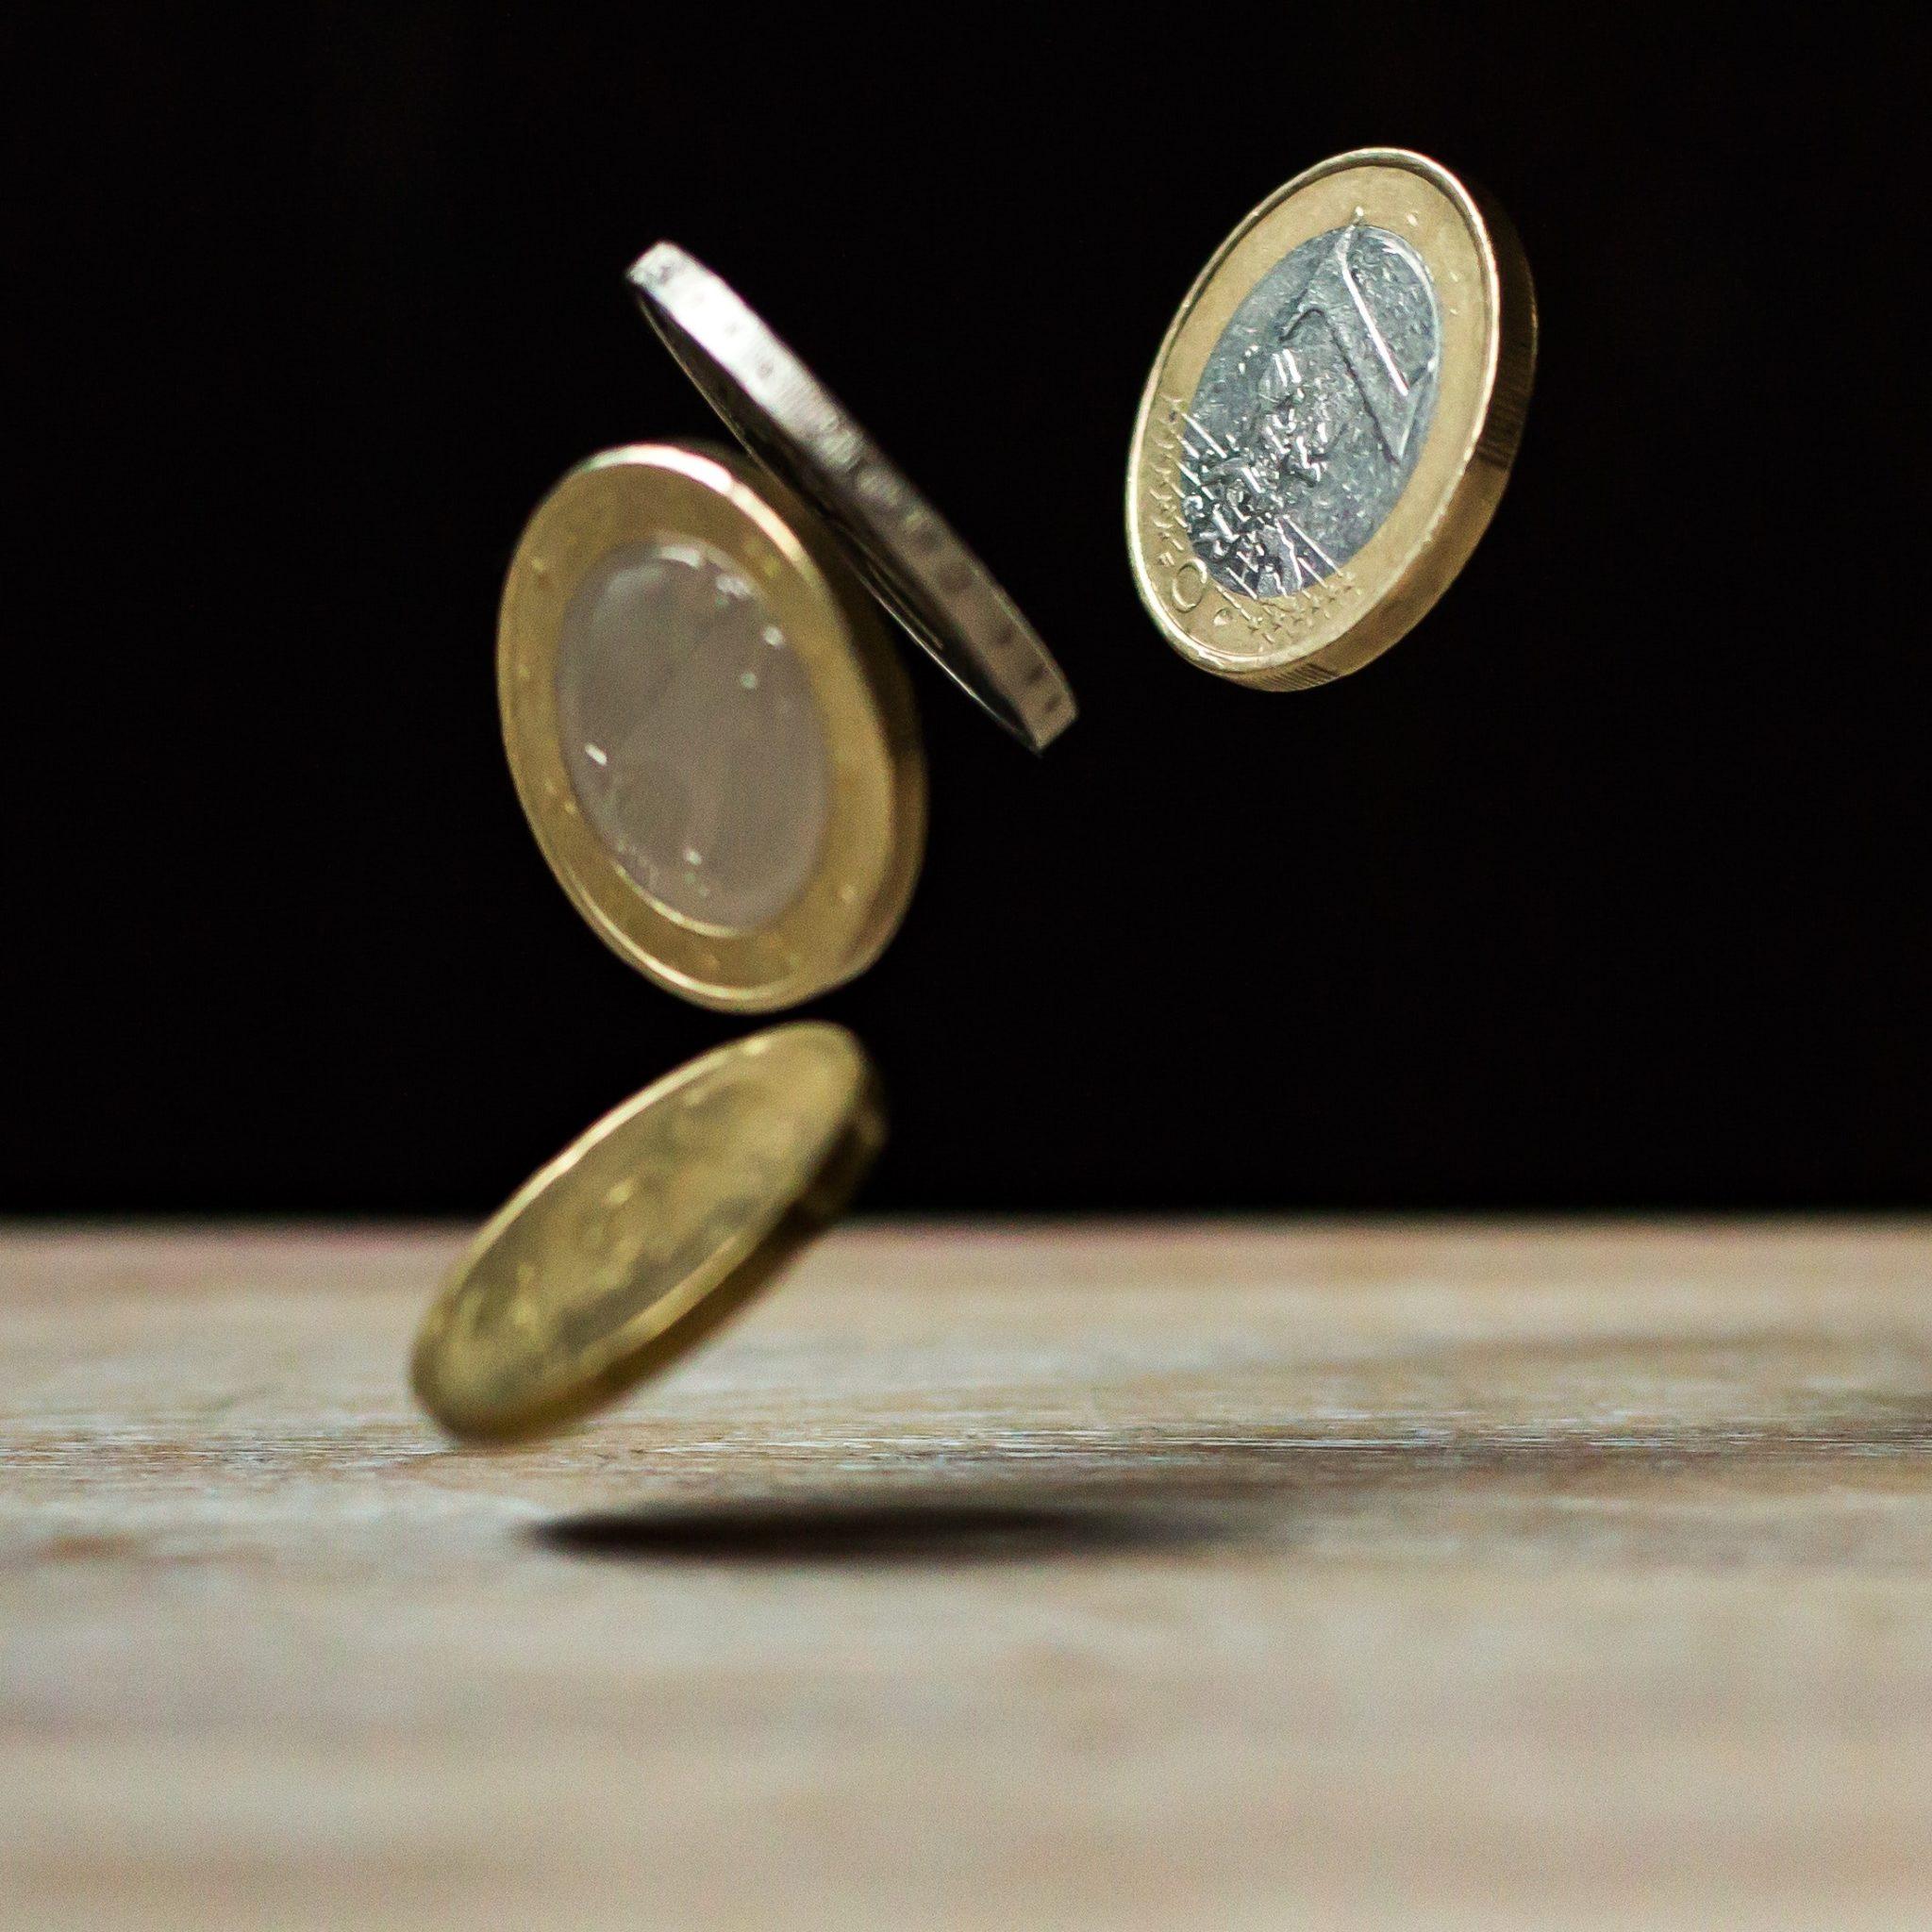 Нумерология кредита: когда можно брать вдолг исколько?